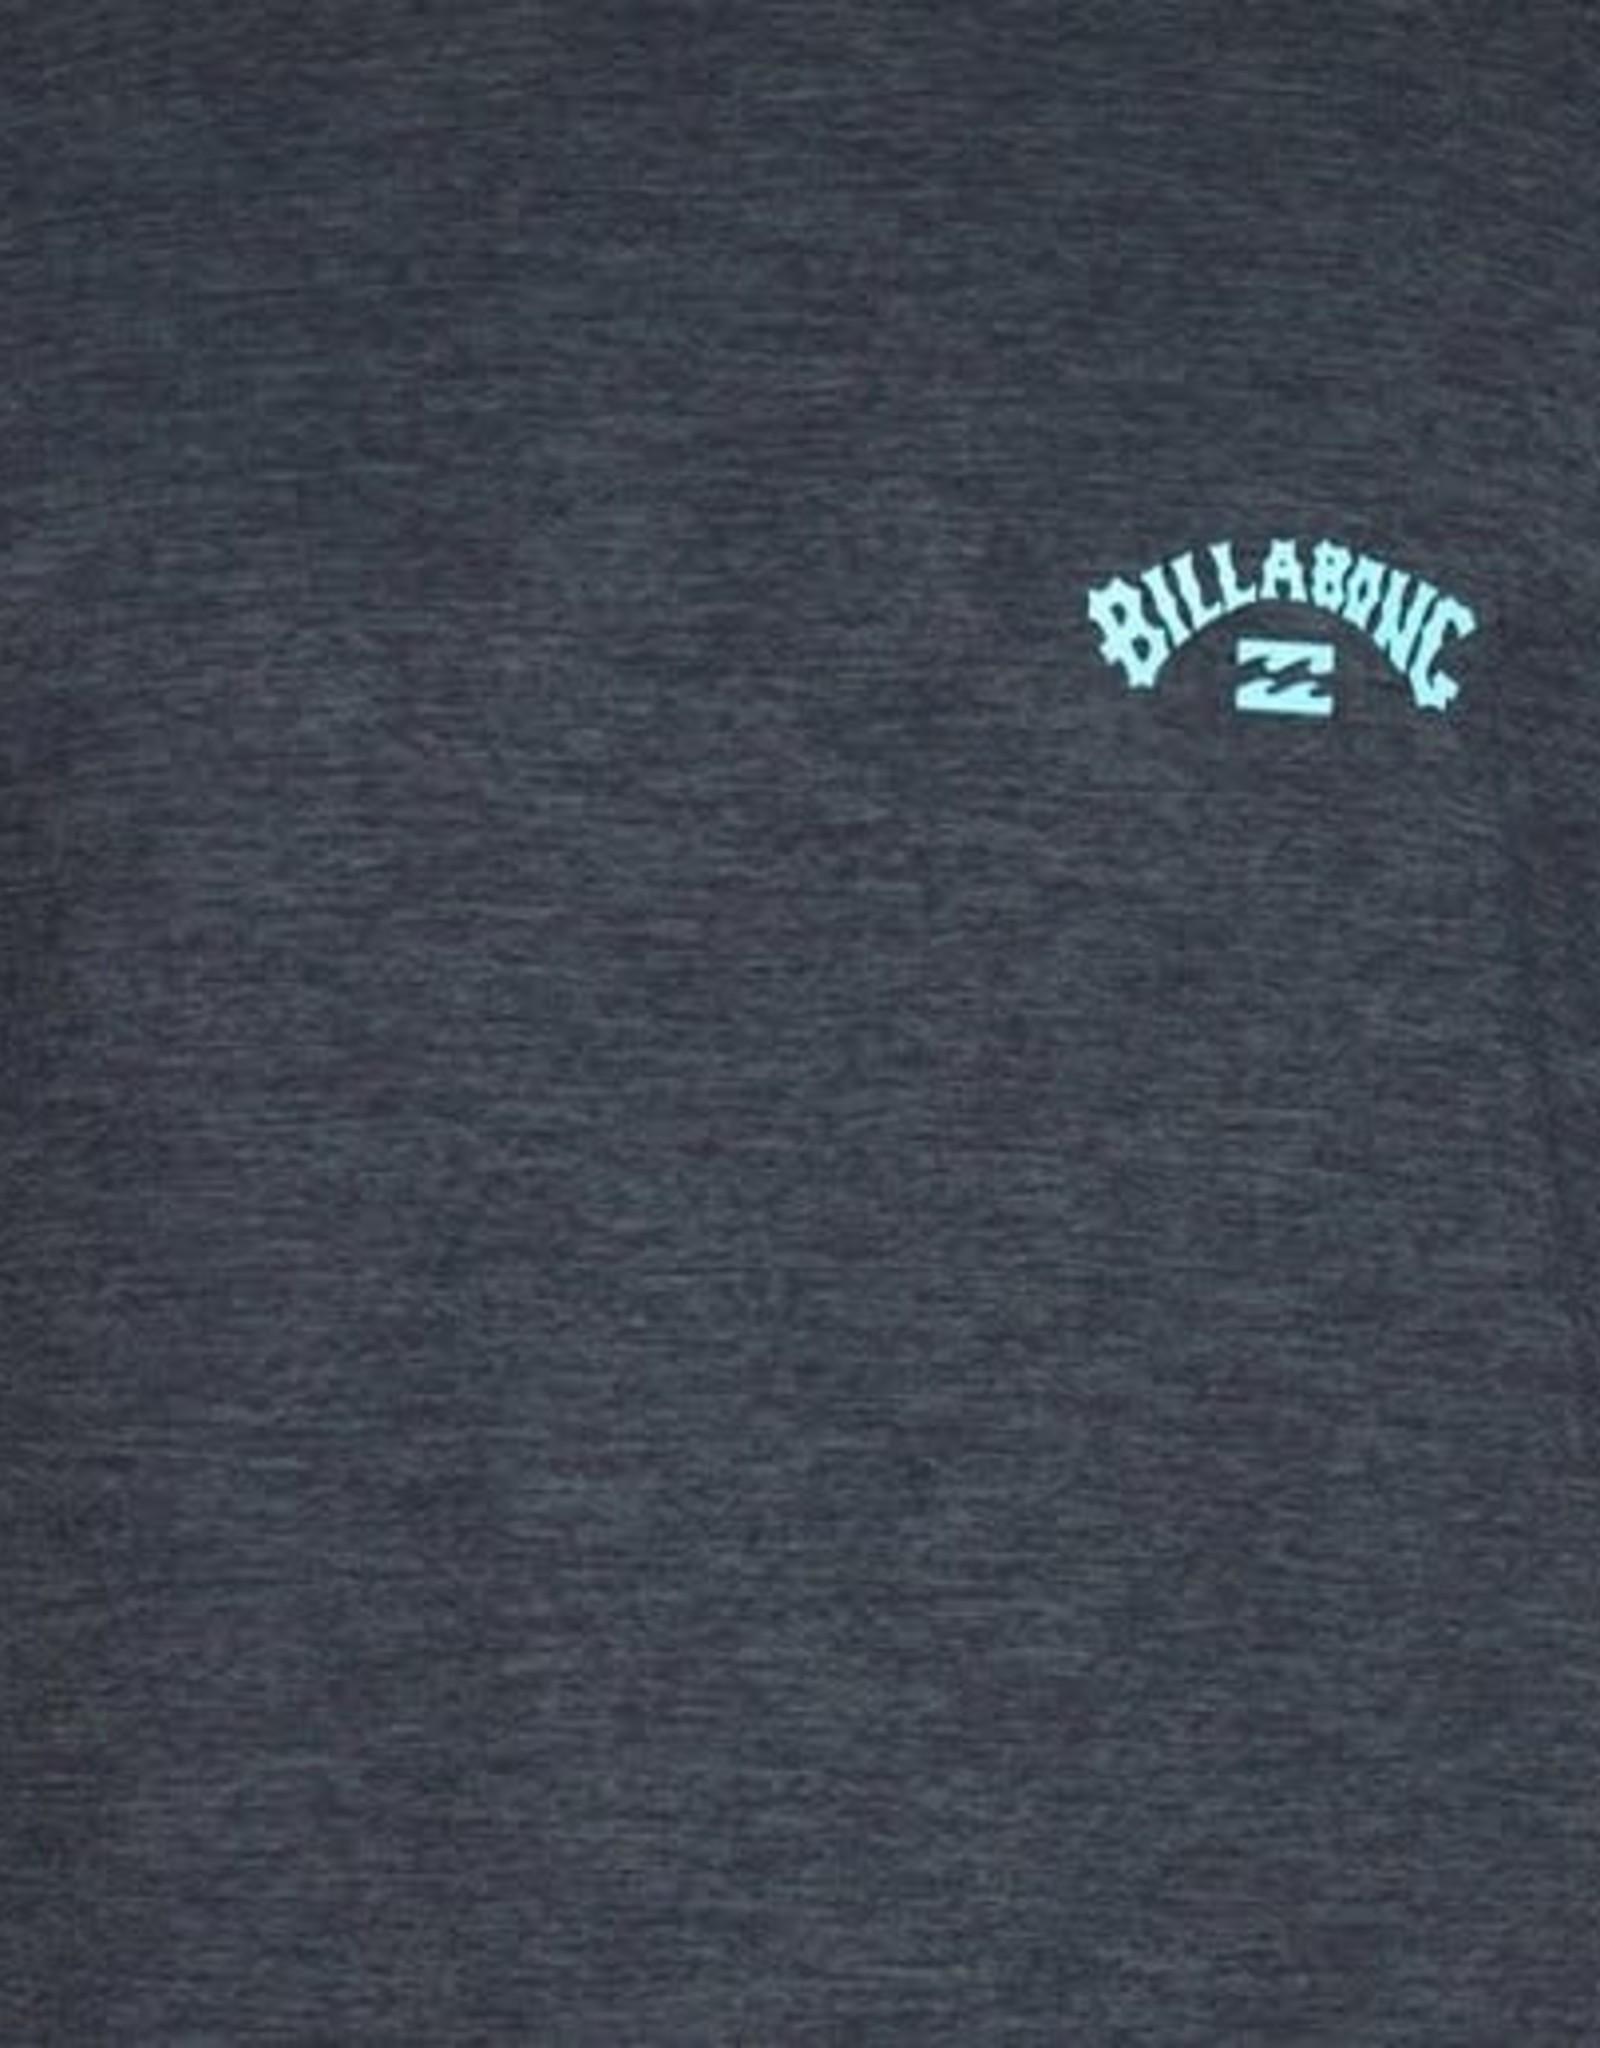 BILLABONG Shoreline Loose Fit Short Sleeve Rash Vest